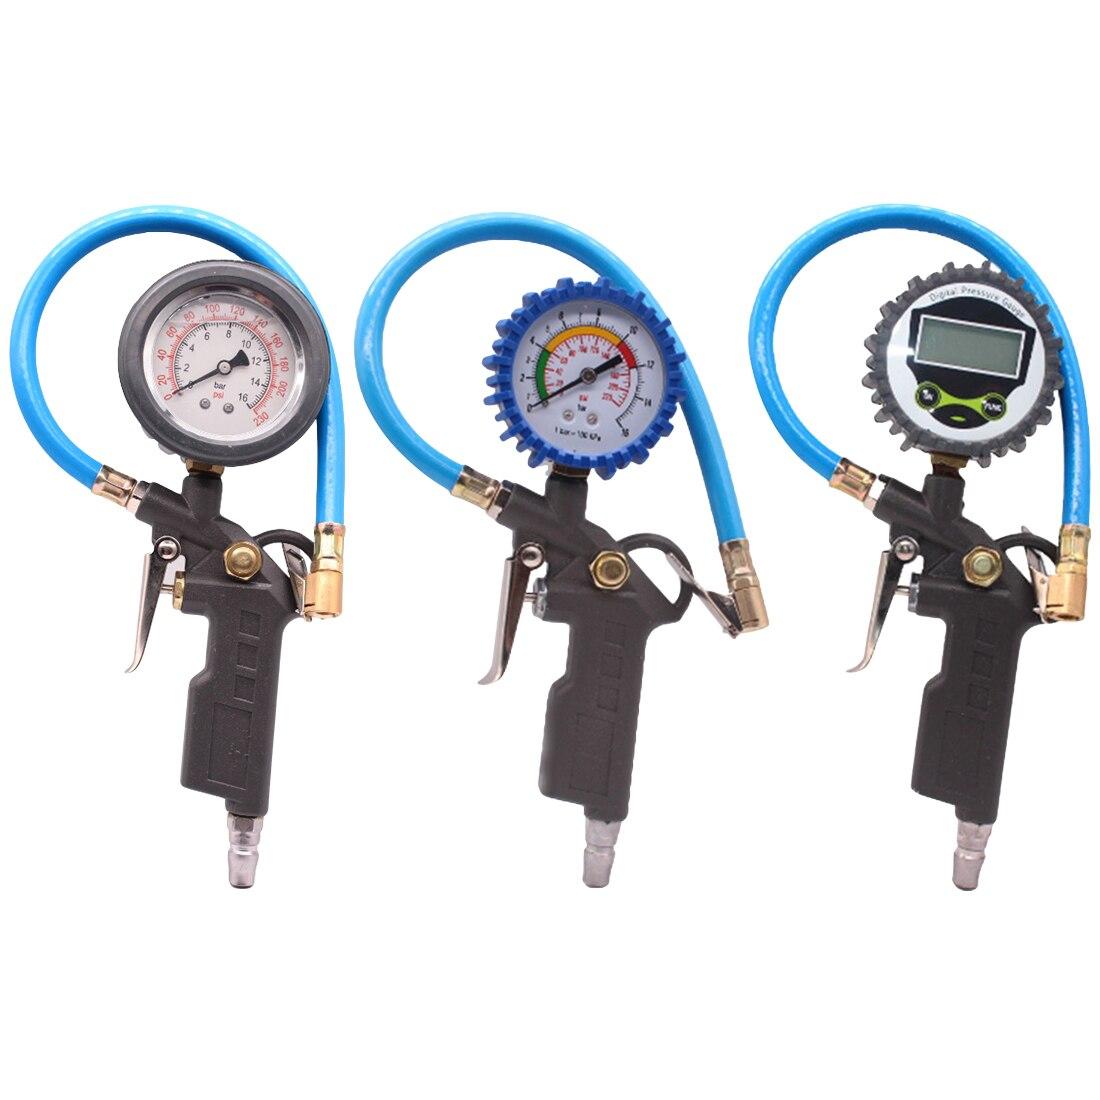 Автомобильный Автомобильный ЖК-цифровой 0-220PSI Манометр давления в шинах манометр измерительный прибор